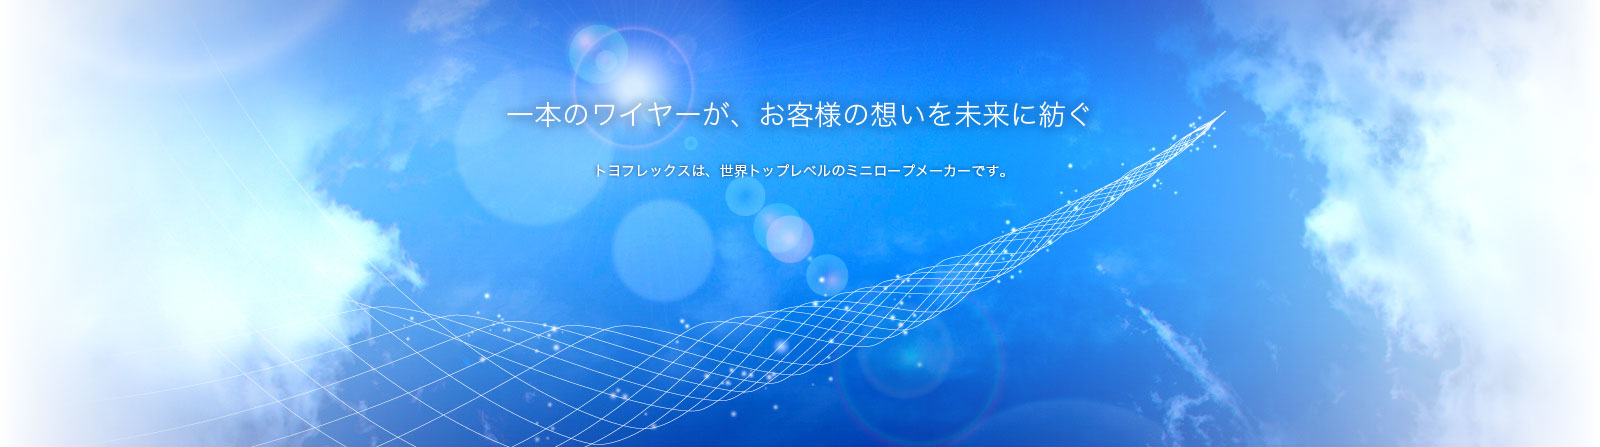 トヨフレックス株式会社(金型設計製造職)